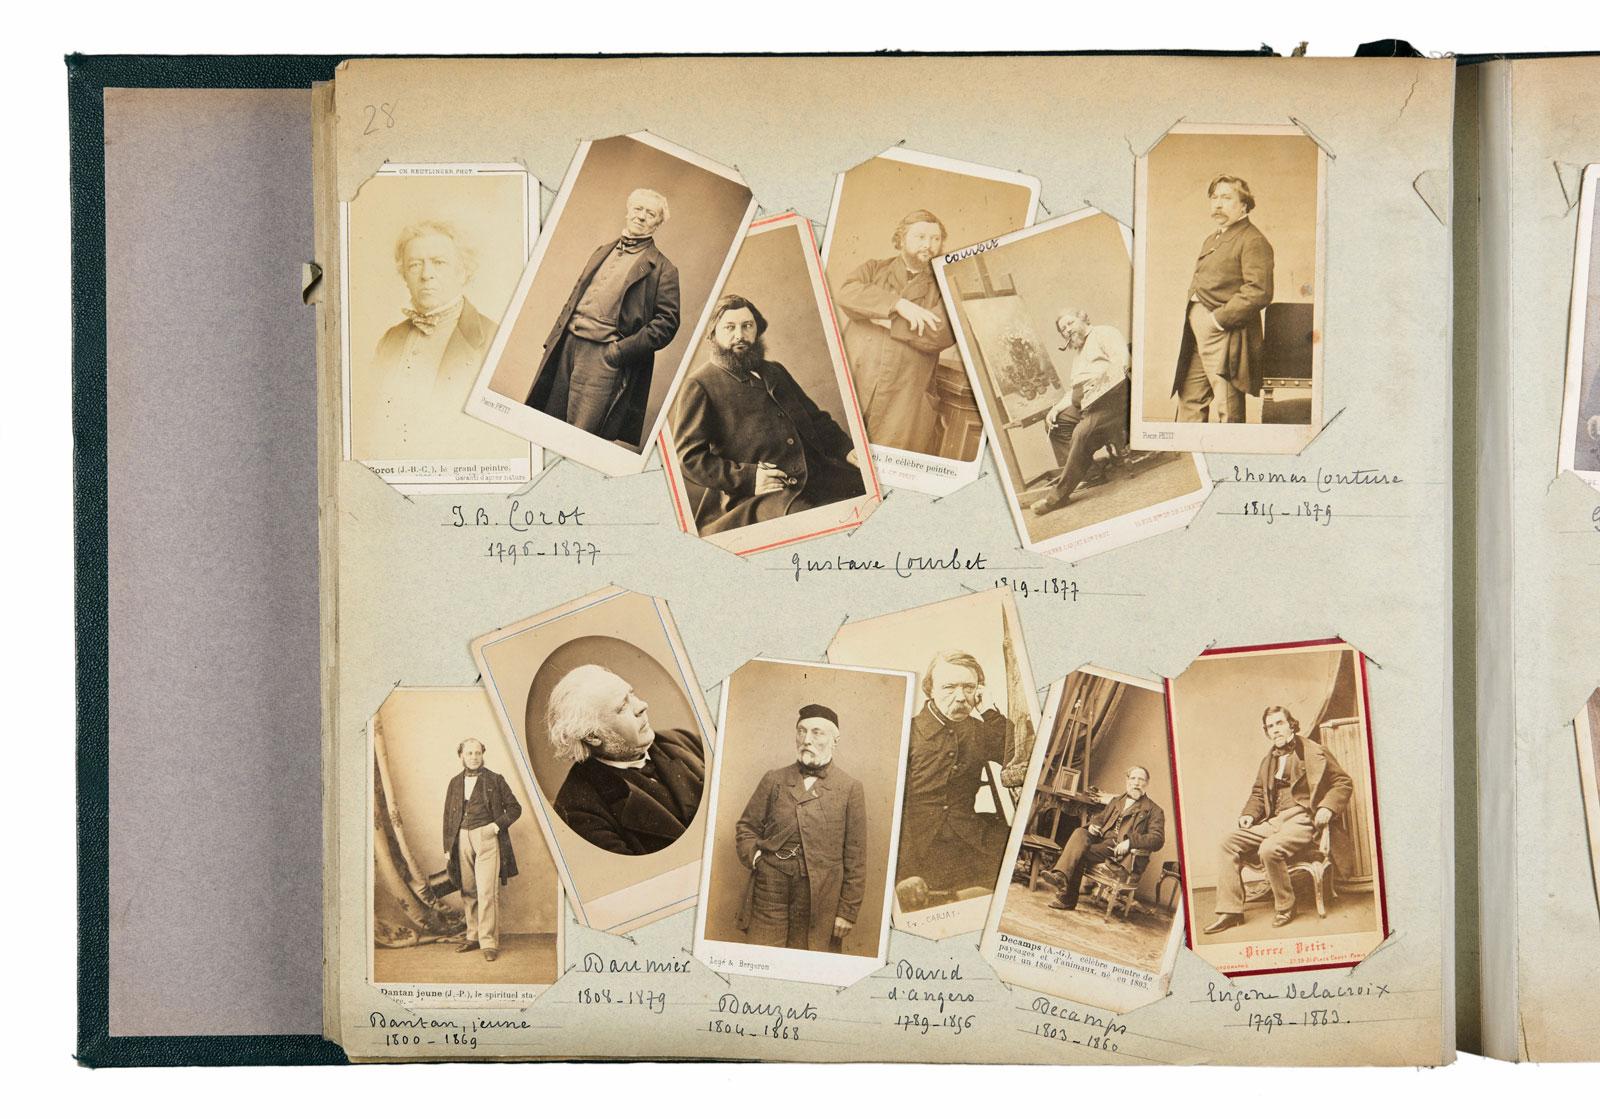 La Collezione Herzog, enciclopedia fotografica della vita nell'era industriale, in mostra a Basilea